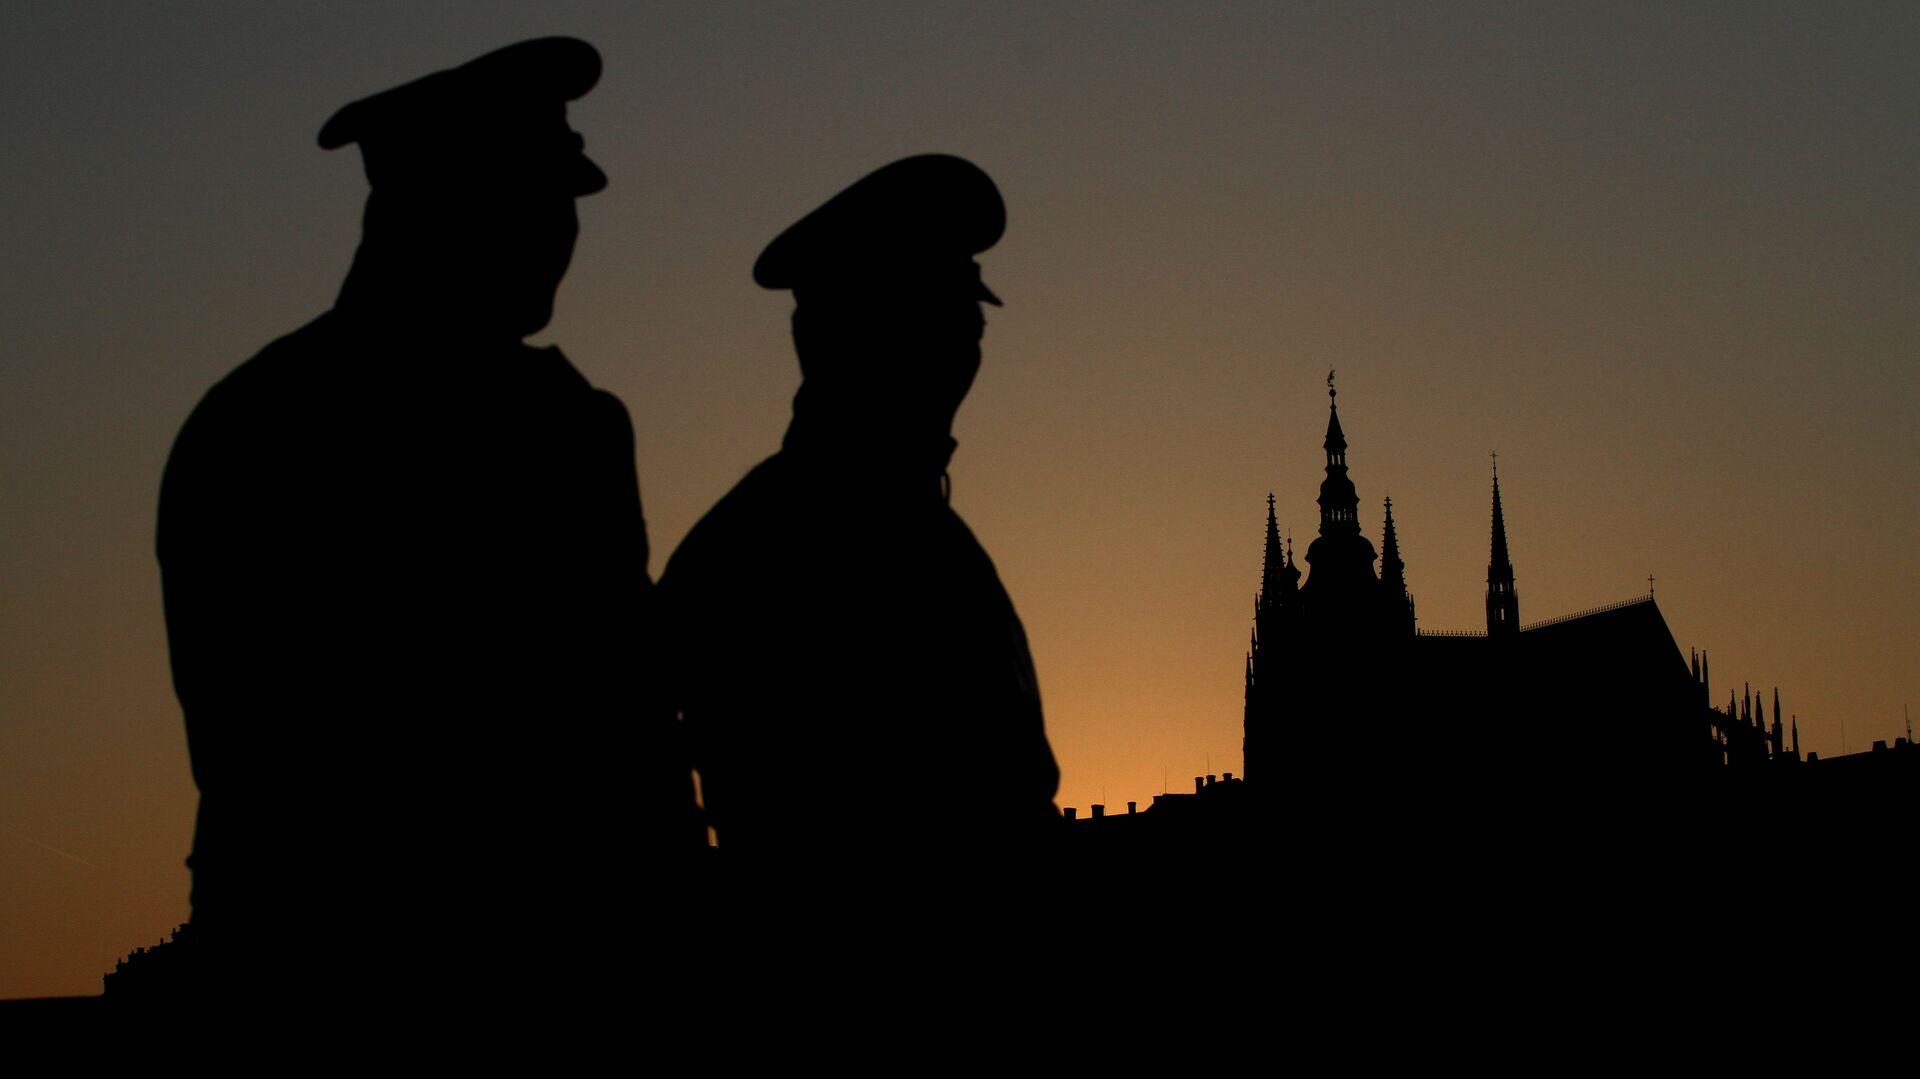 La Policía checa en Praga (imagen referencial) - Sputnik Mundo, 1920, 14.05.2021